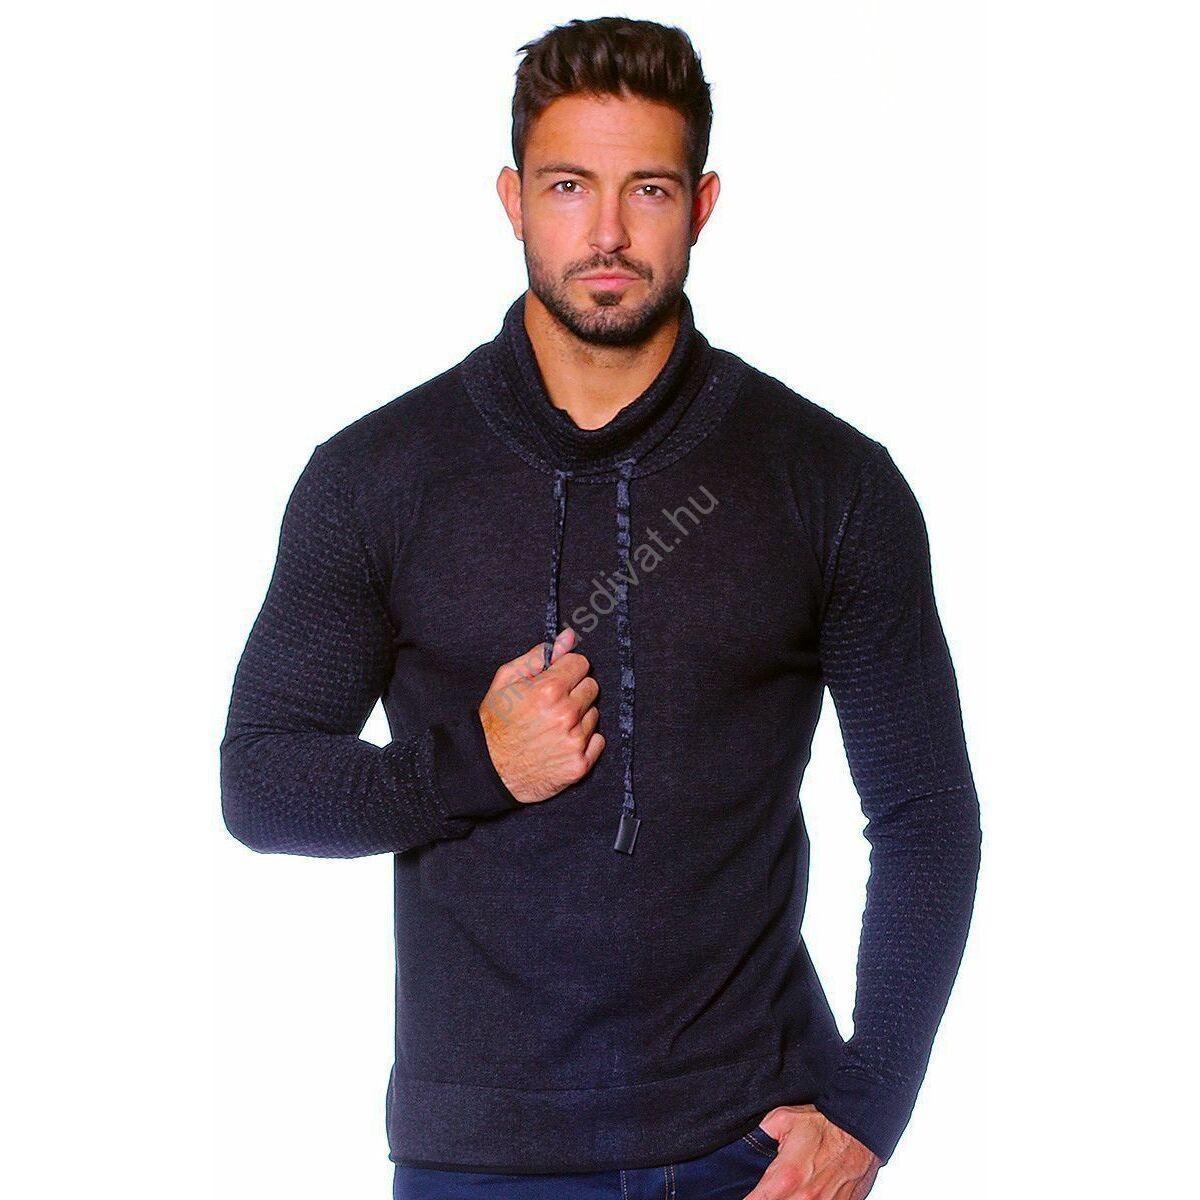 1f3293b133 Kép 1/2 - Balance kámzsás nyakú vékony kötött pamut pulóver, sötétkék